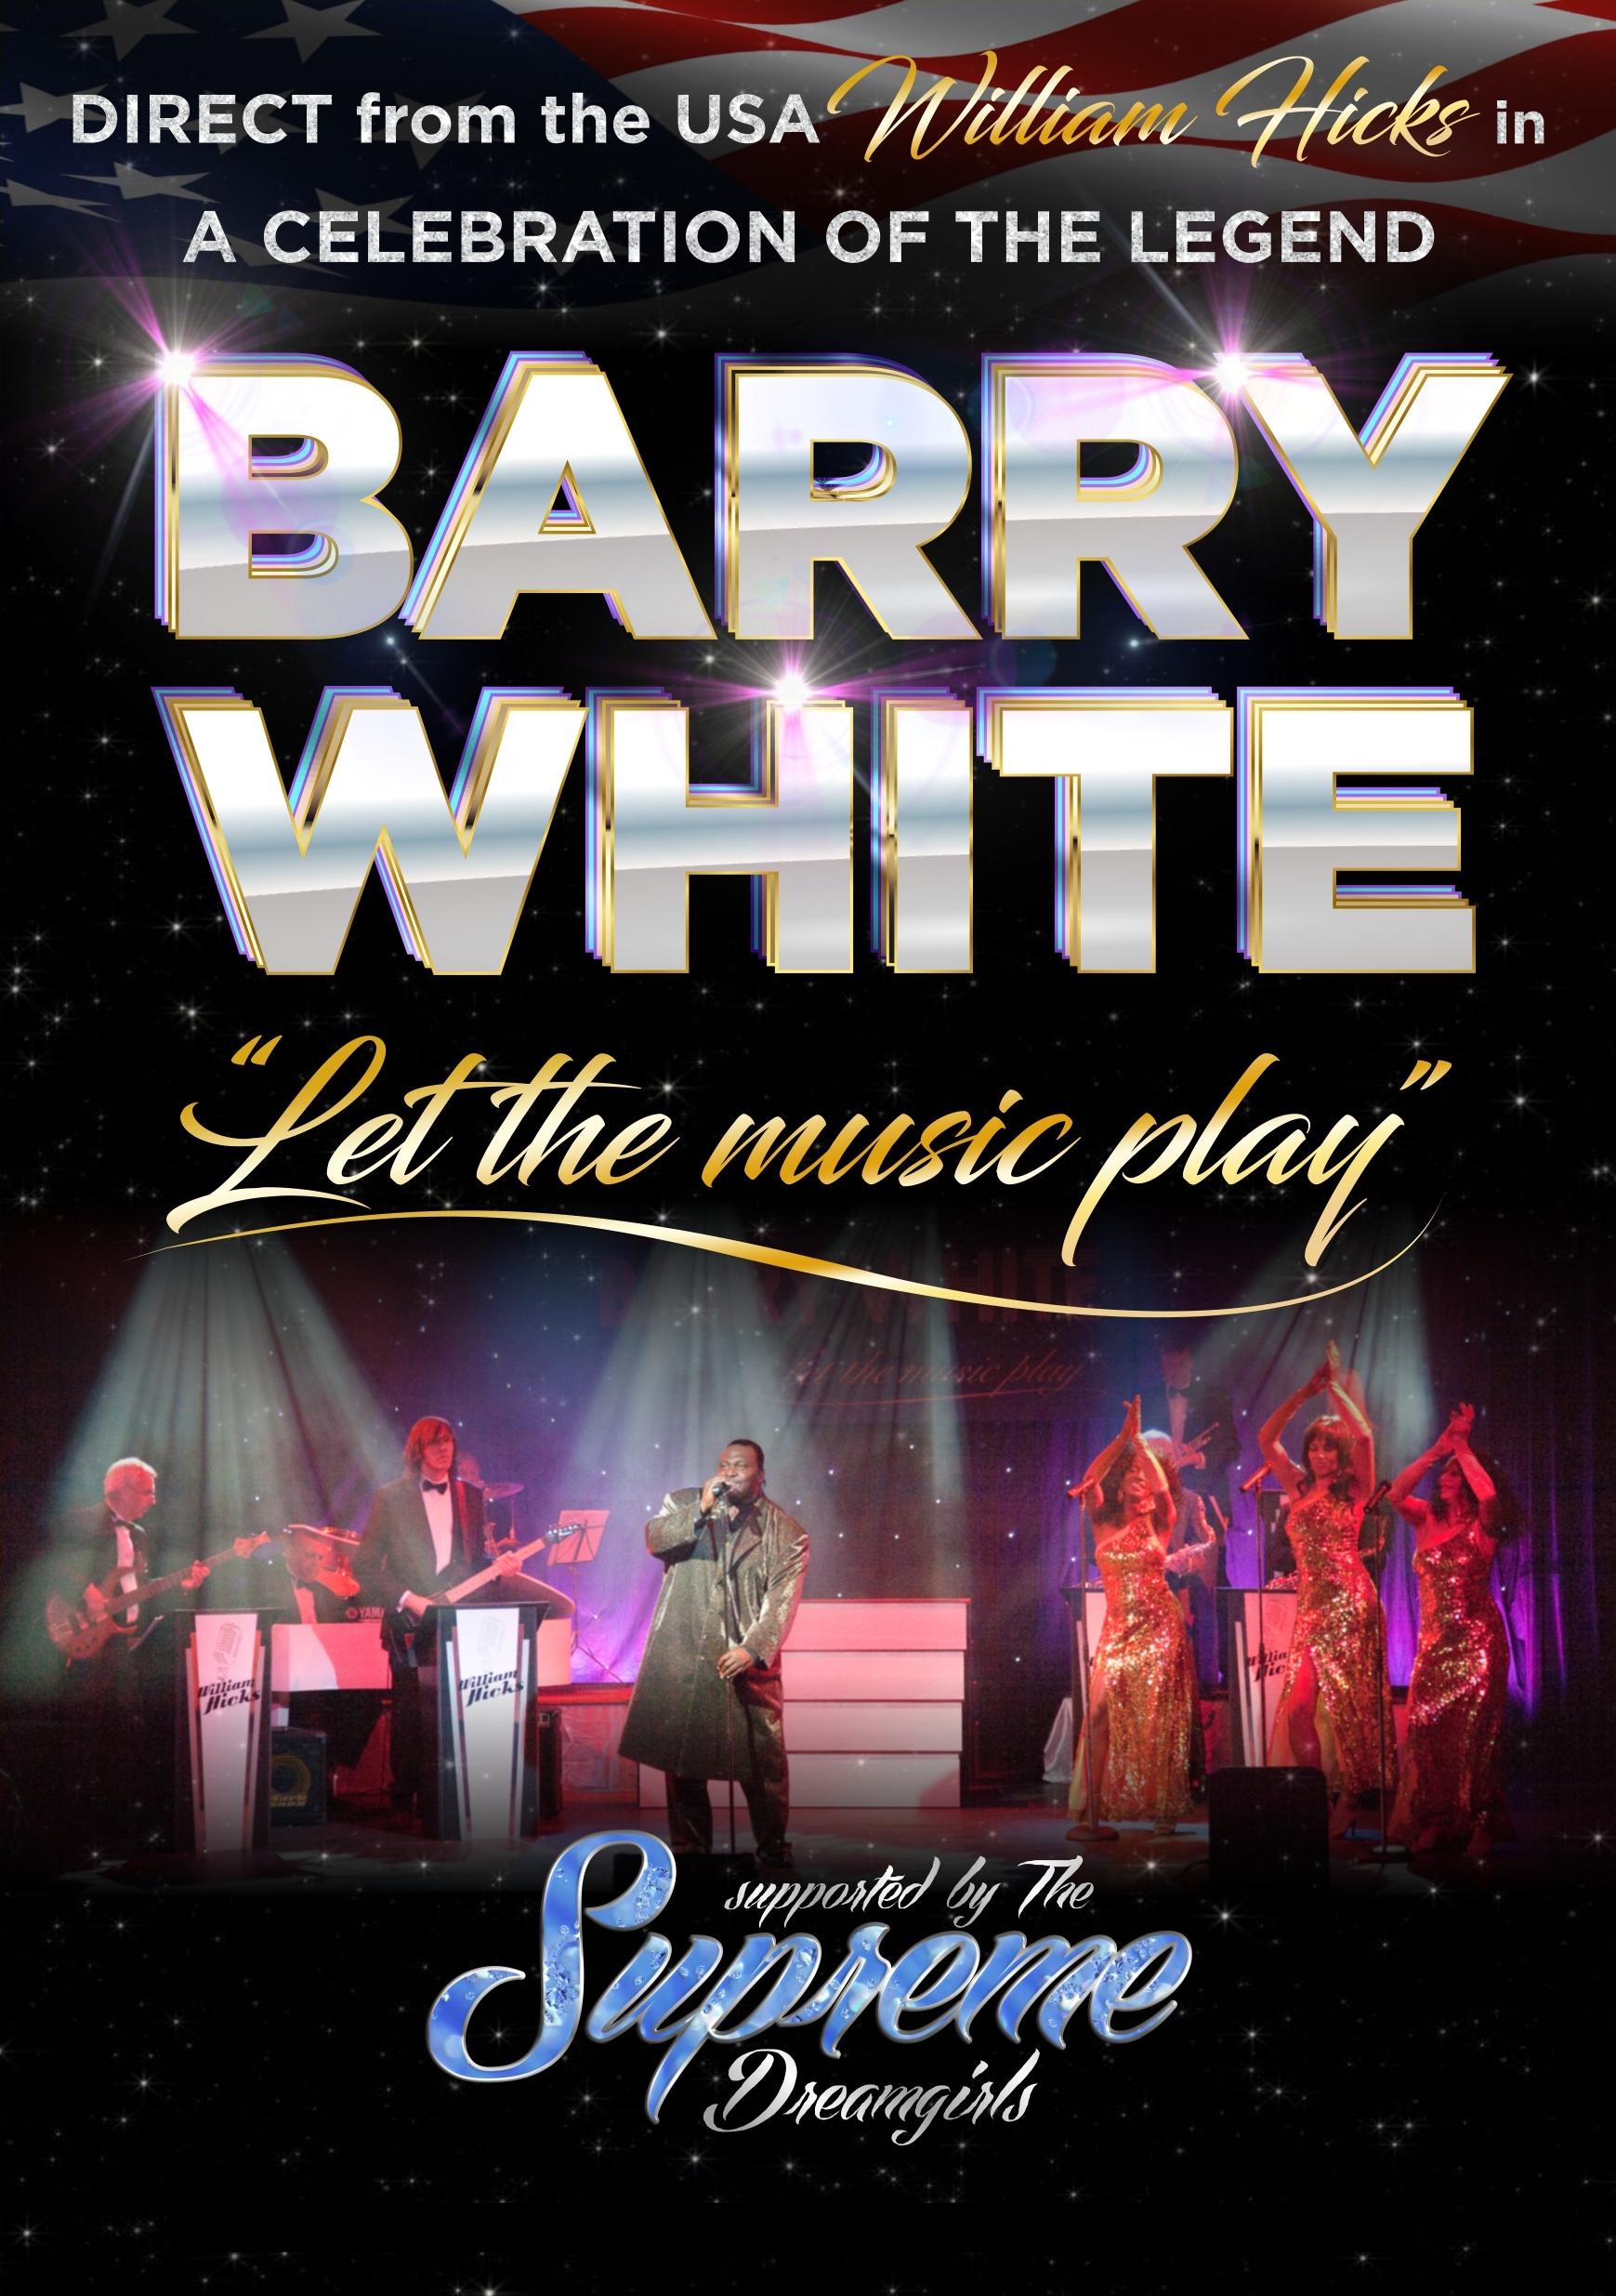 Eine Hommage an Barry White